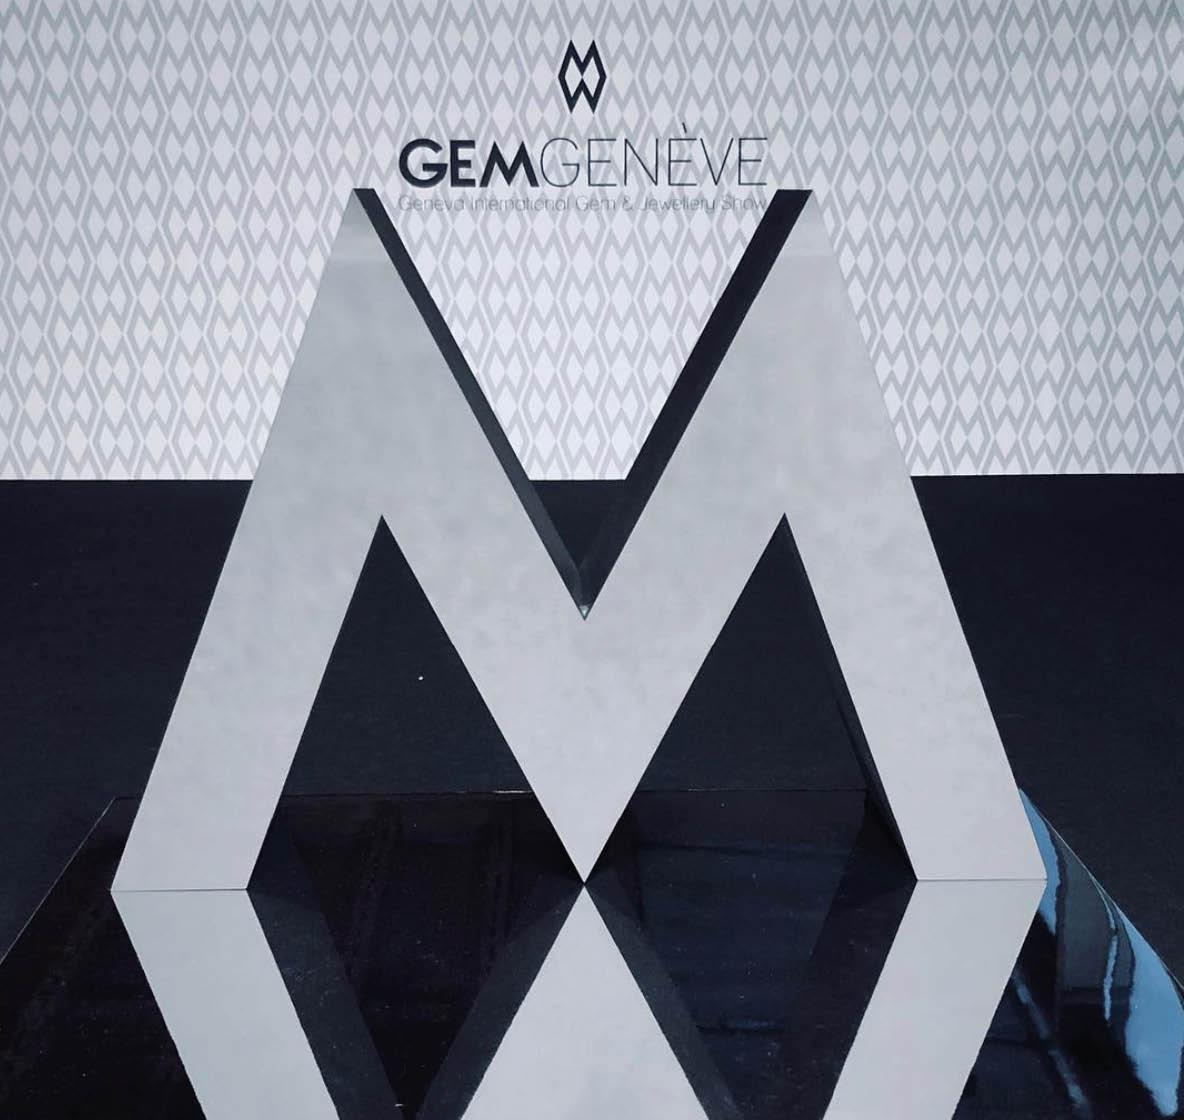 gemgeneve_branding_10